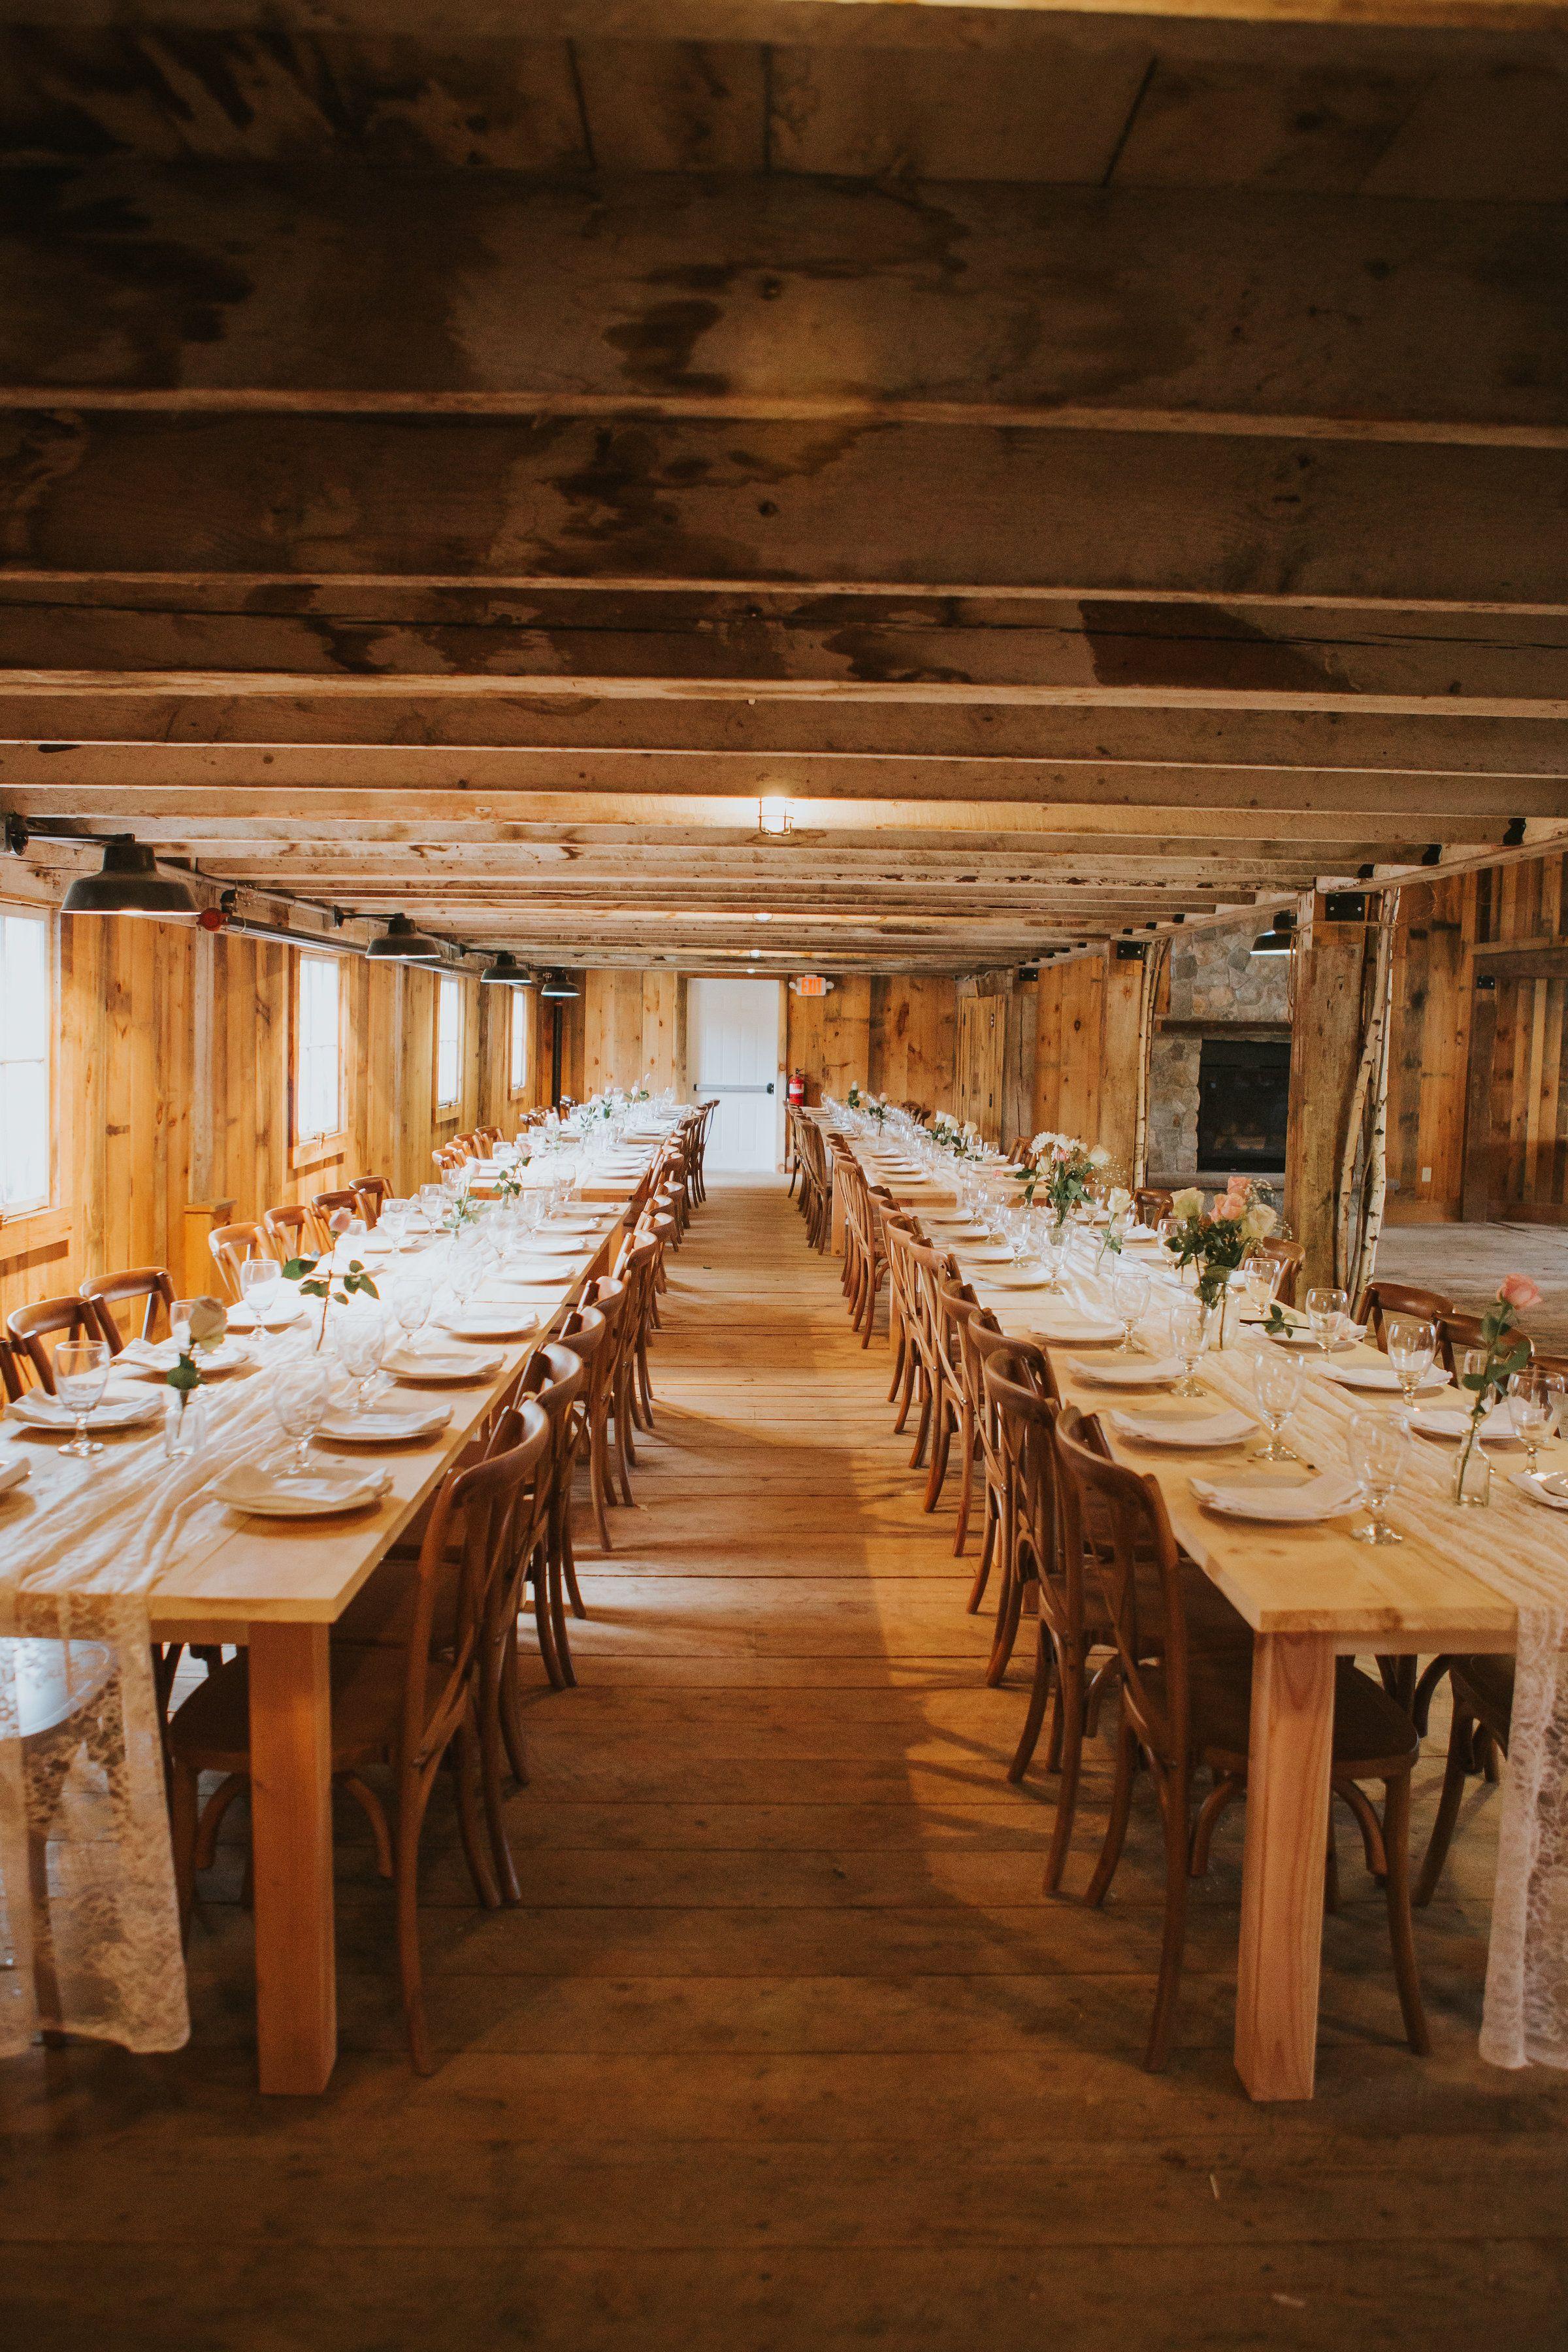 Romantic Rustic Intimate Barn Wedding Venue Allrose Farm In New